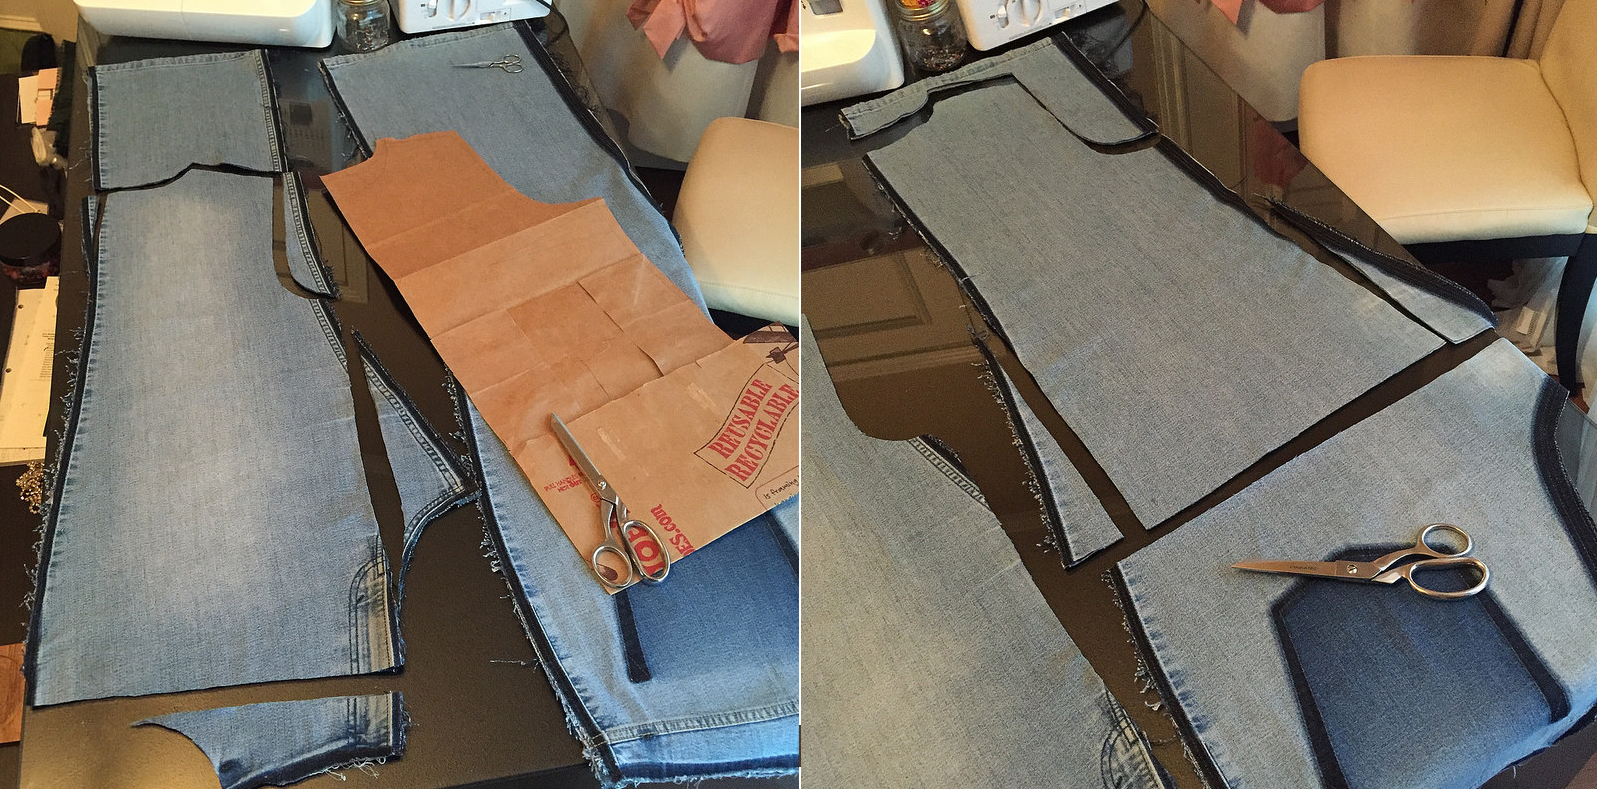 Como hacer blusas modelo túnica con jeans reciclados ¡Perfecta para el verano!4